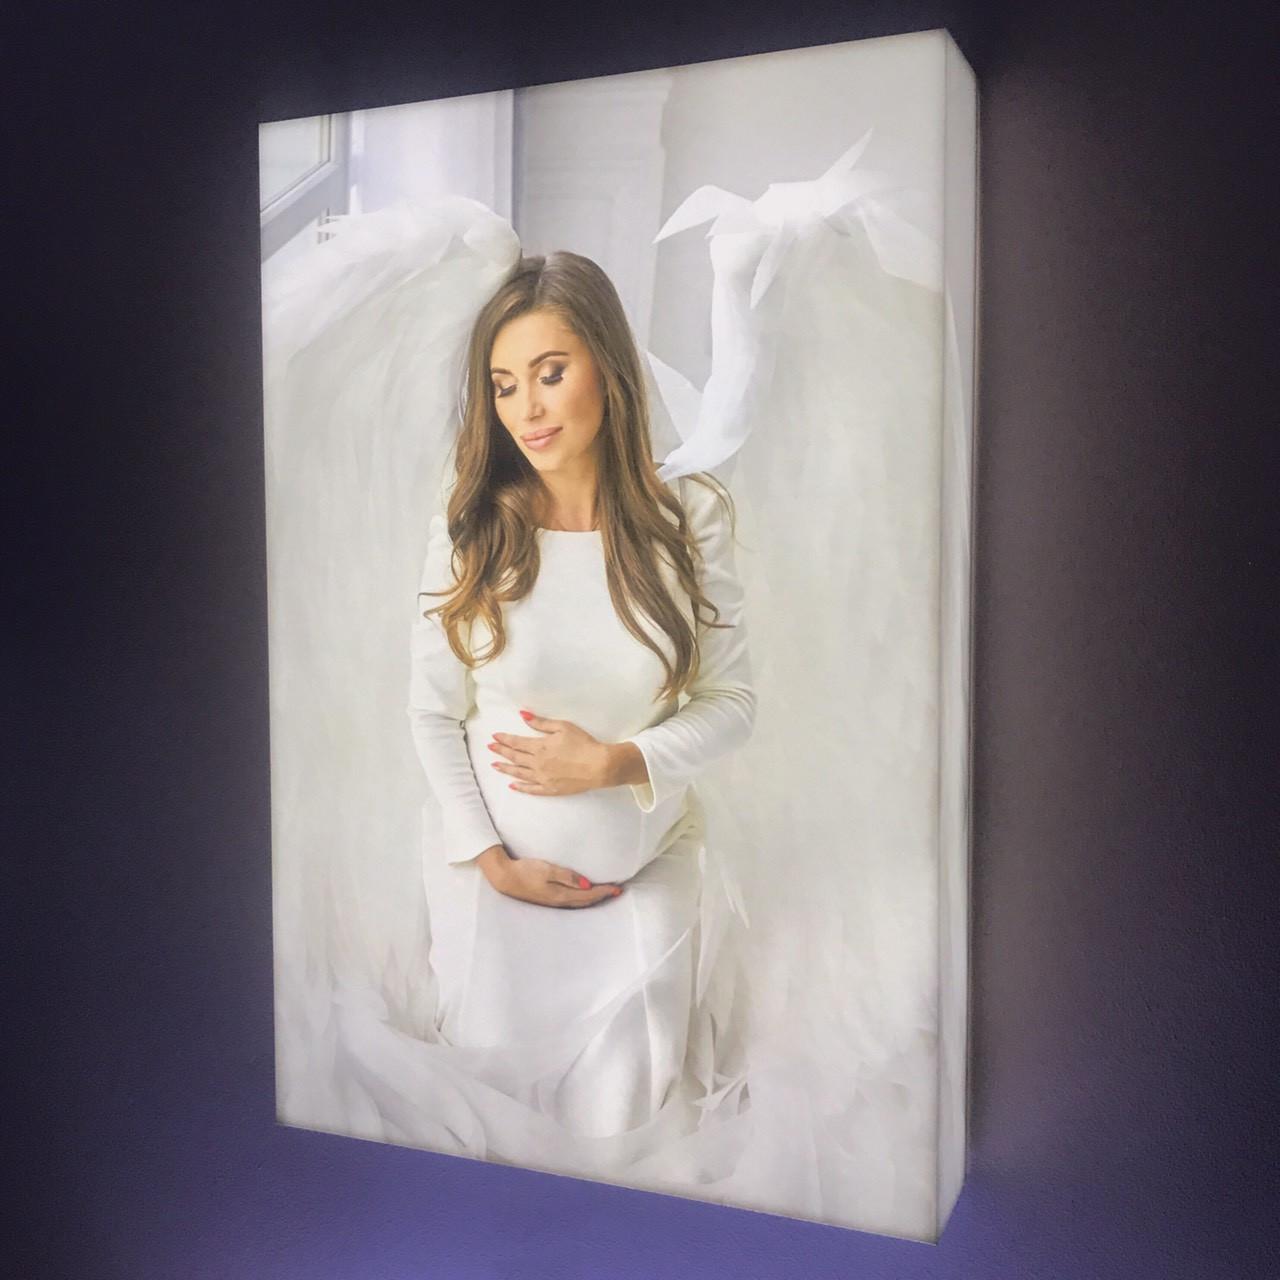 Фото светильник 45х45см - 3D ( светящиеся борта)